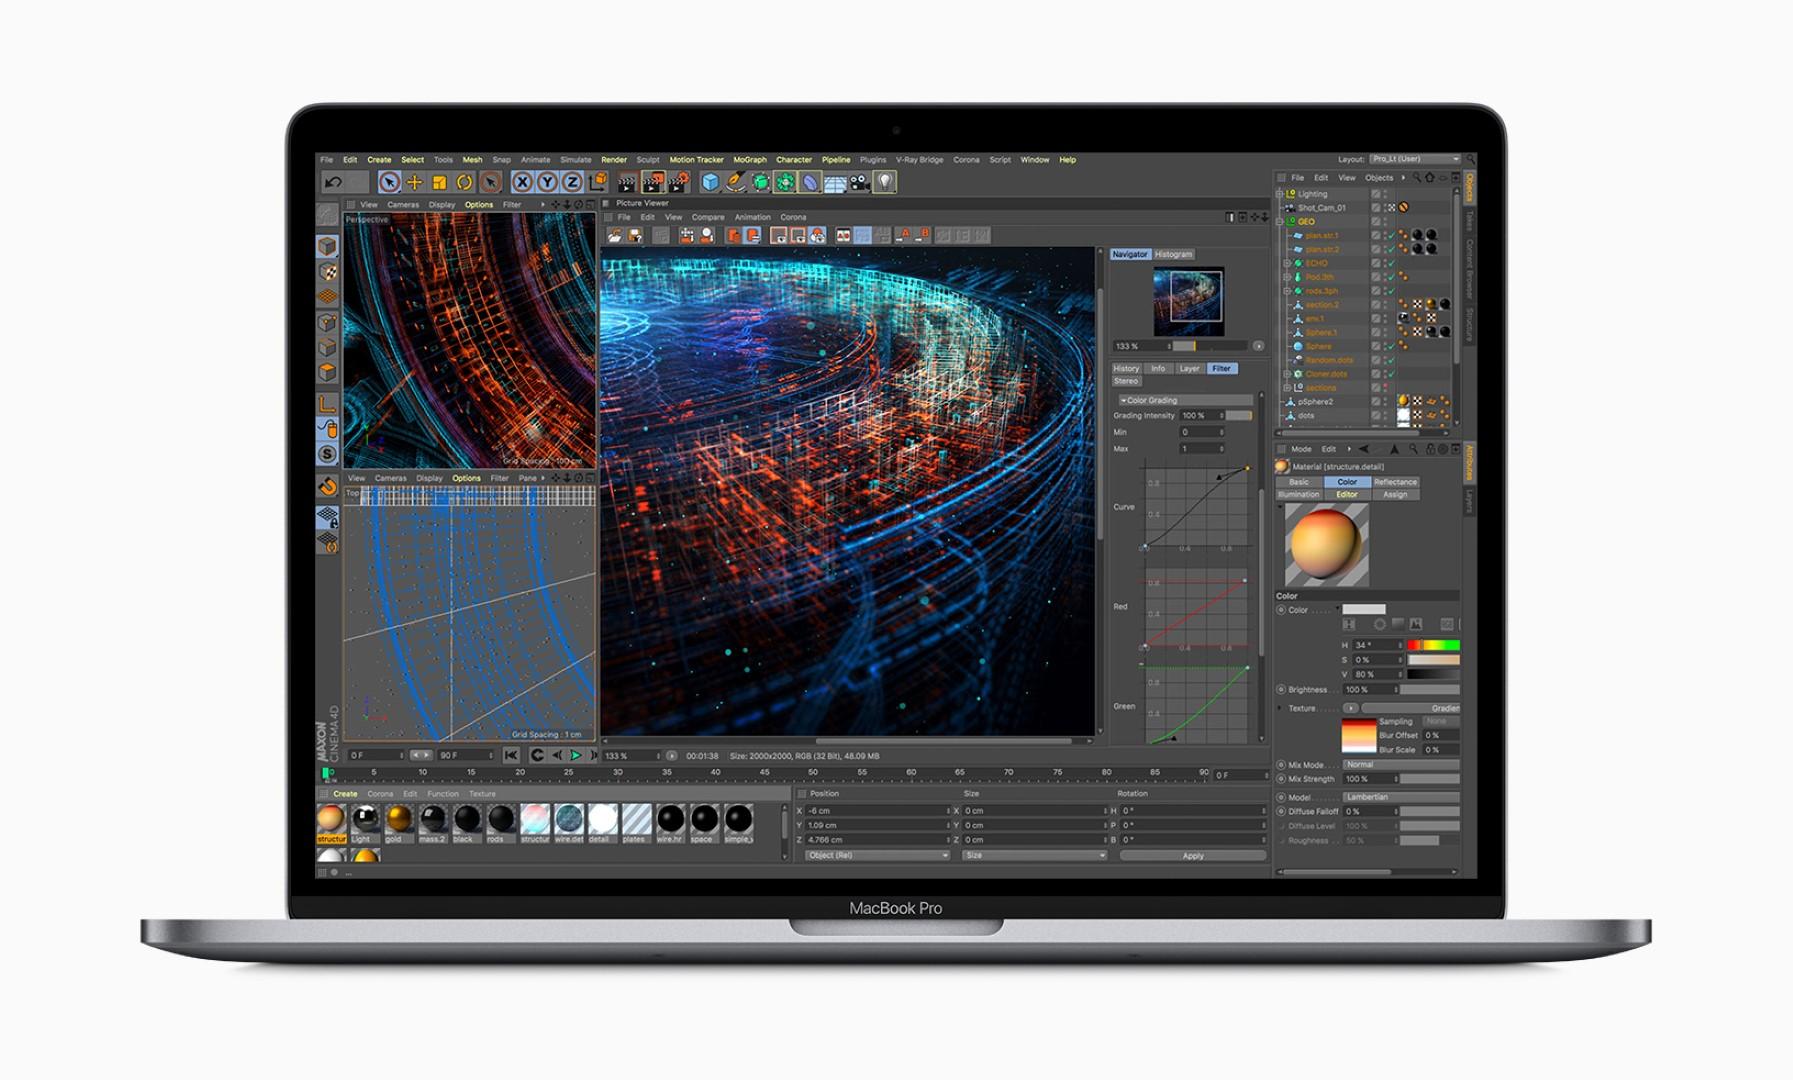 Apple Macbookpro 8 Core 3d Graphics 05212019